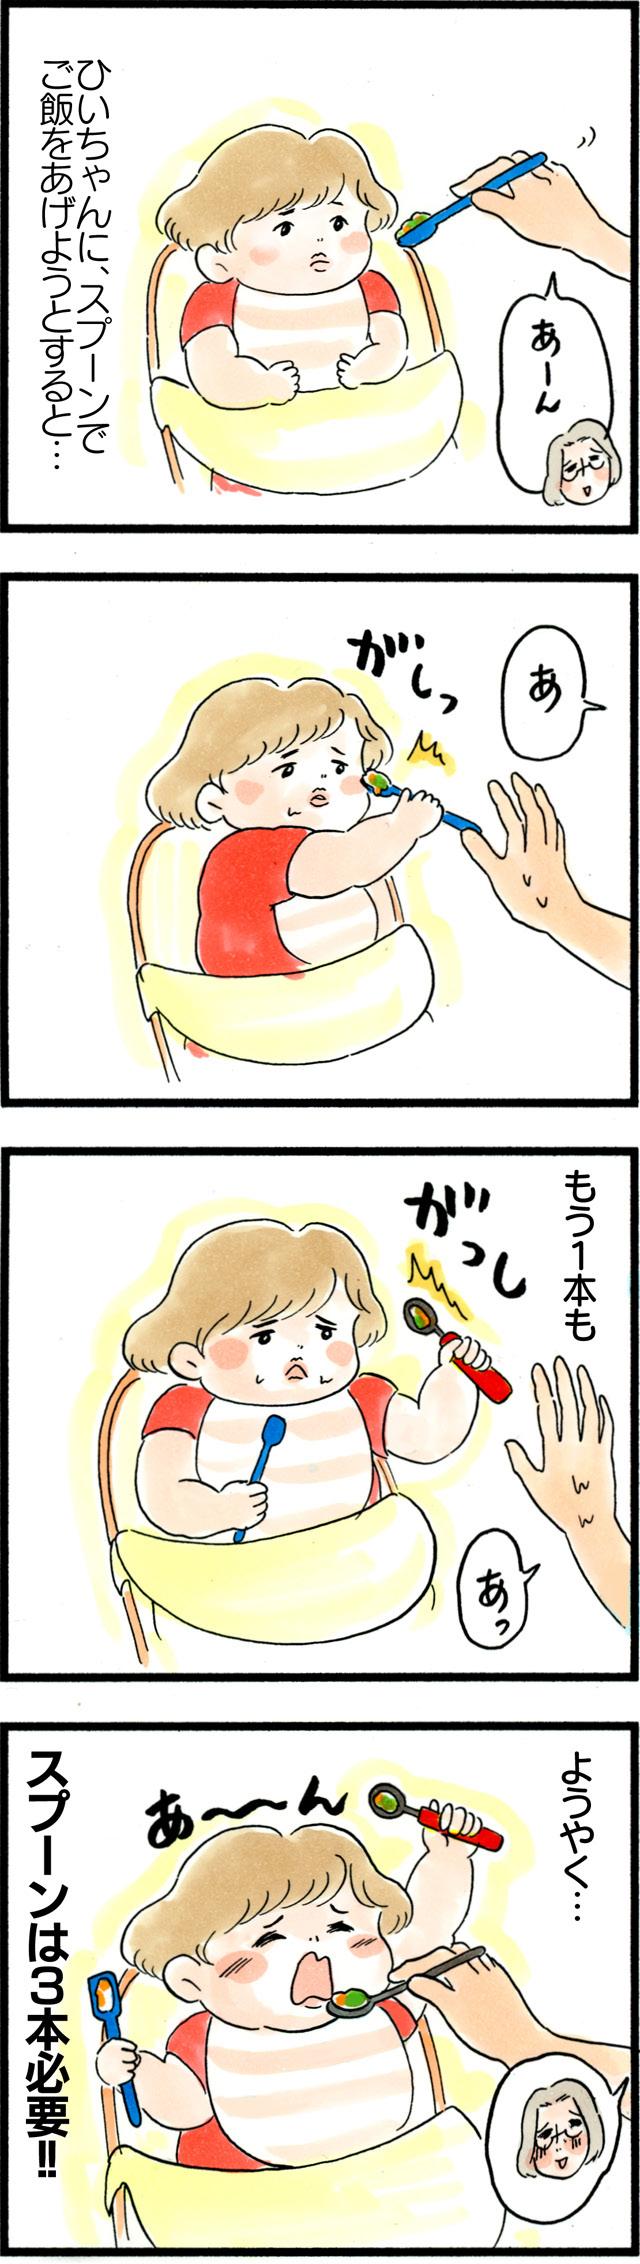 あっ…ちょ…!スプーンを奪われ続ける離乳食。でも最後には母の勝利です…!の画像1